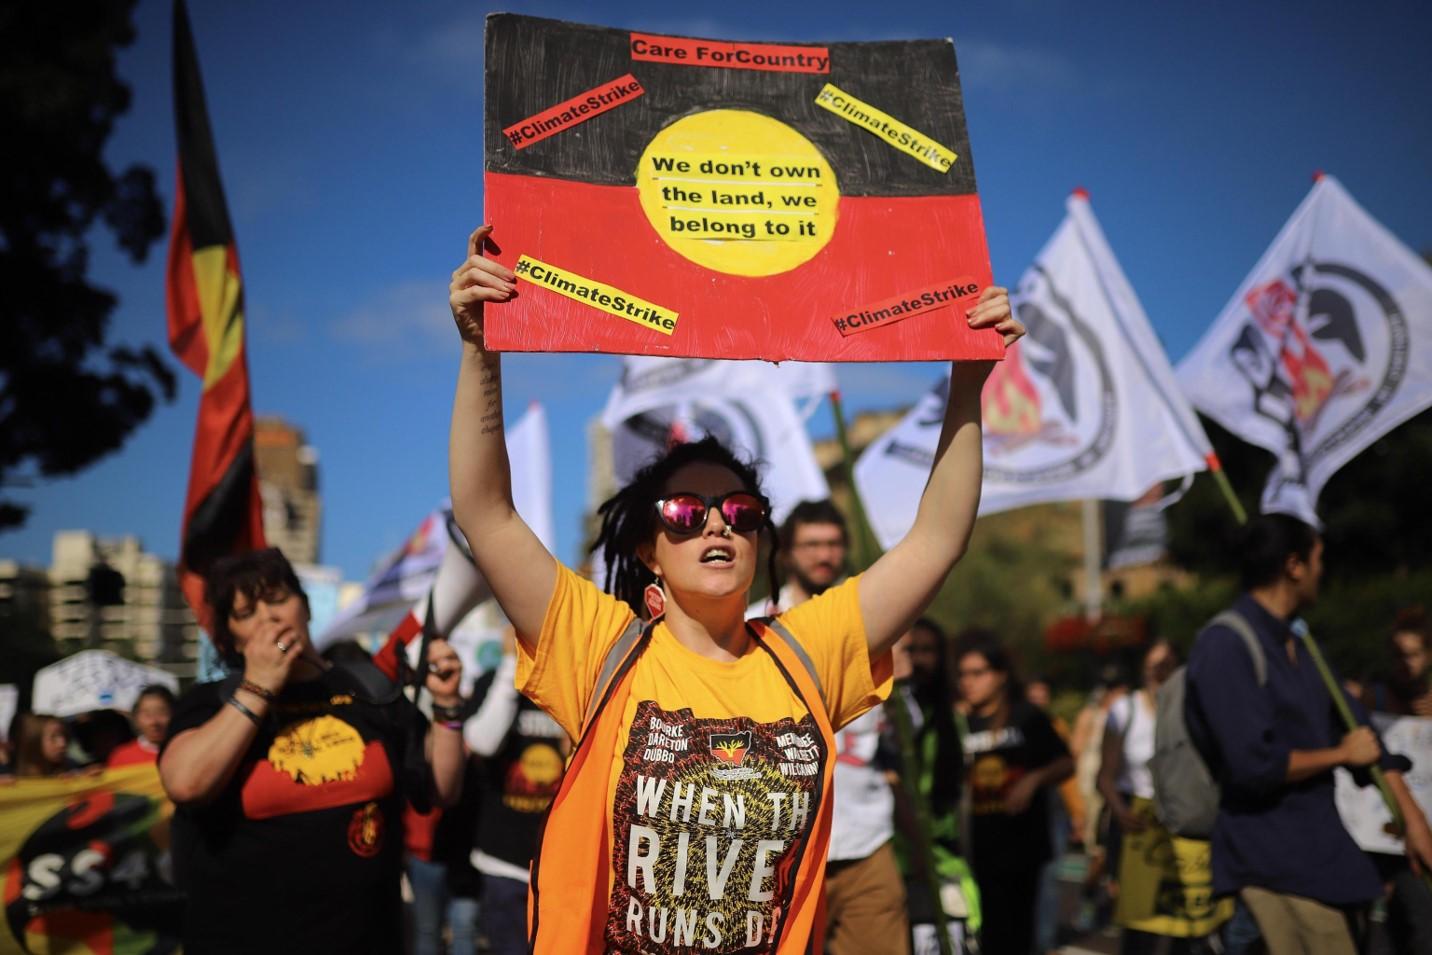 Una ragazza a Sidney mostra un cartello in cui si dice che ci vuole cura per il pianeta